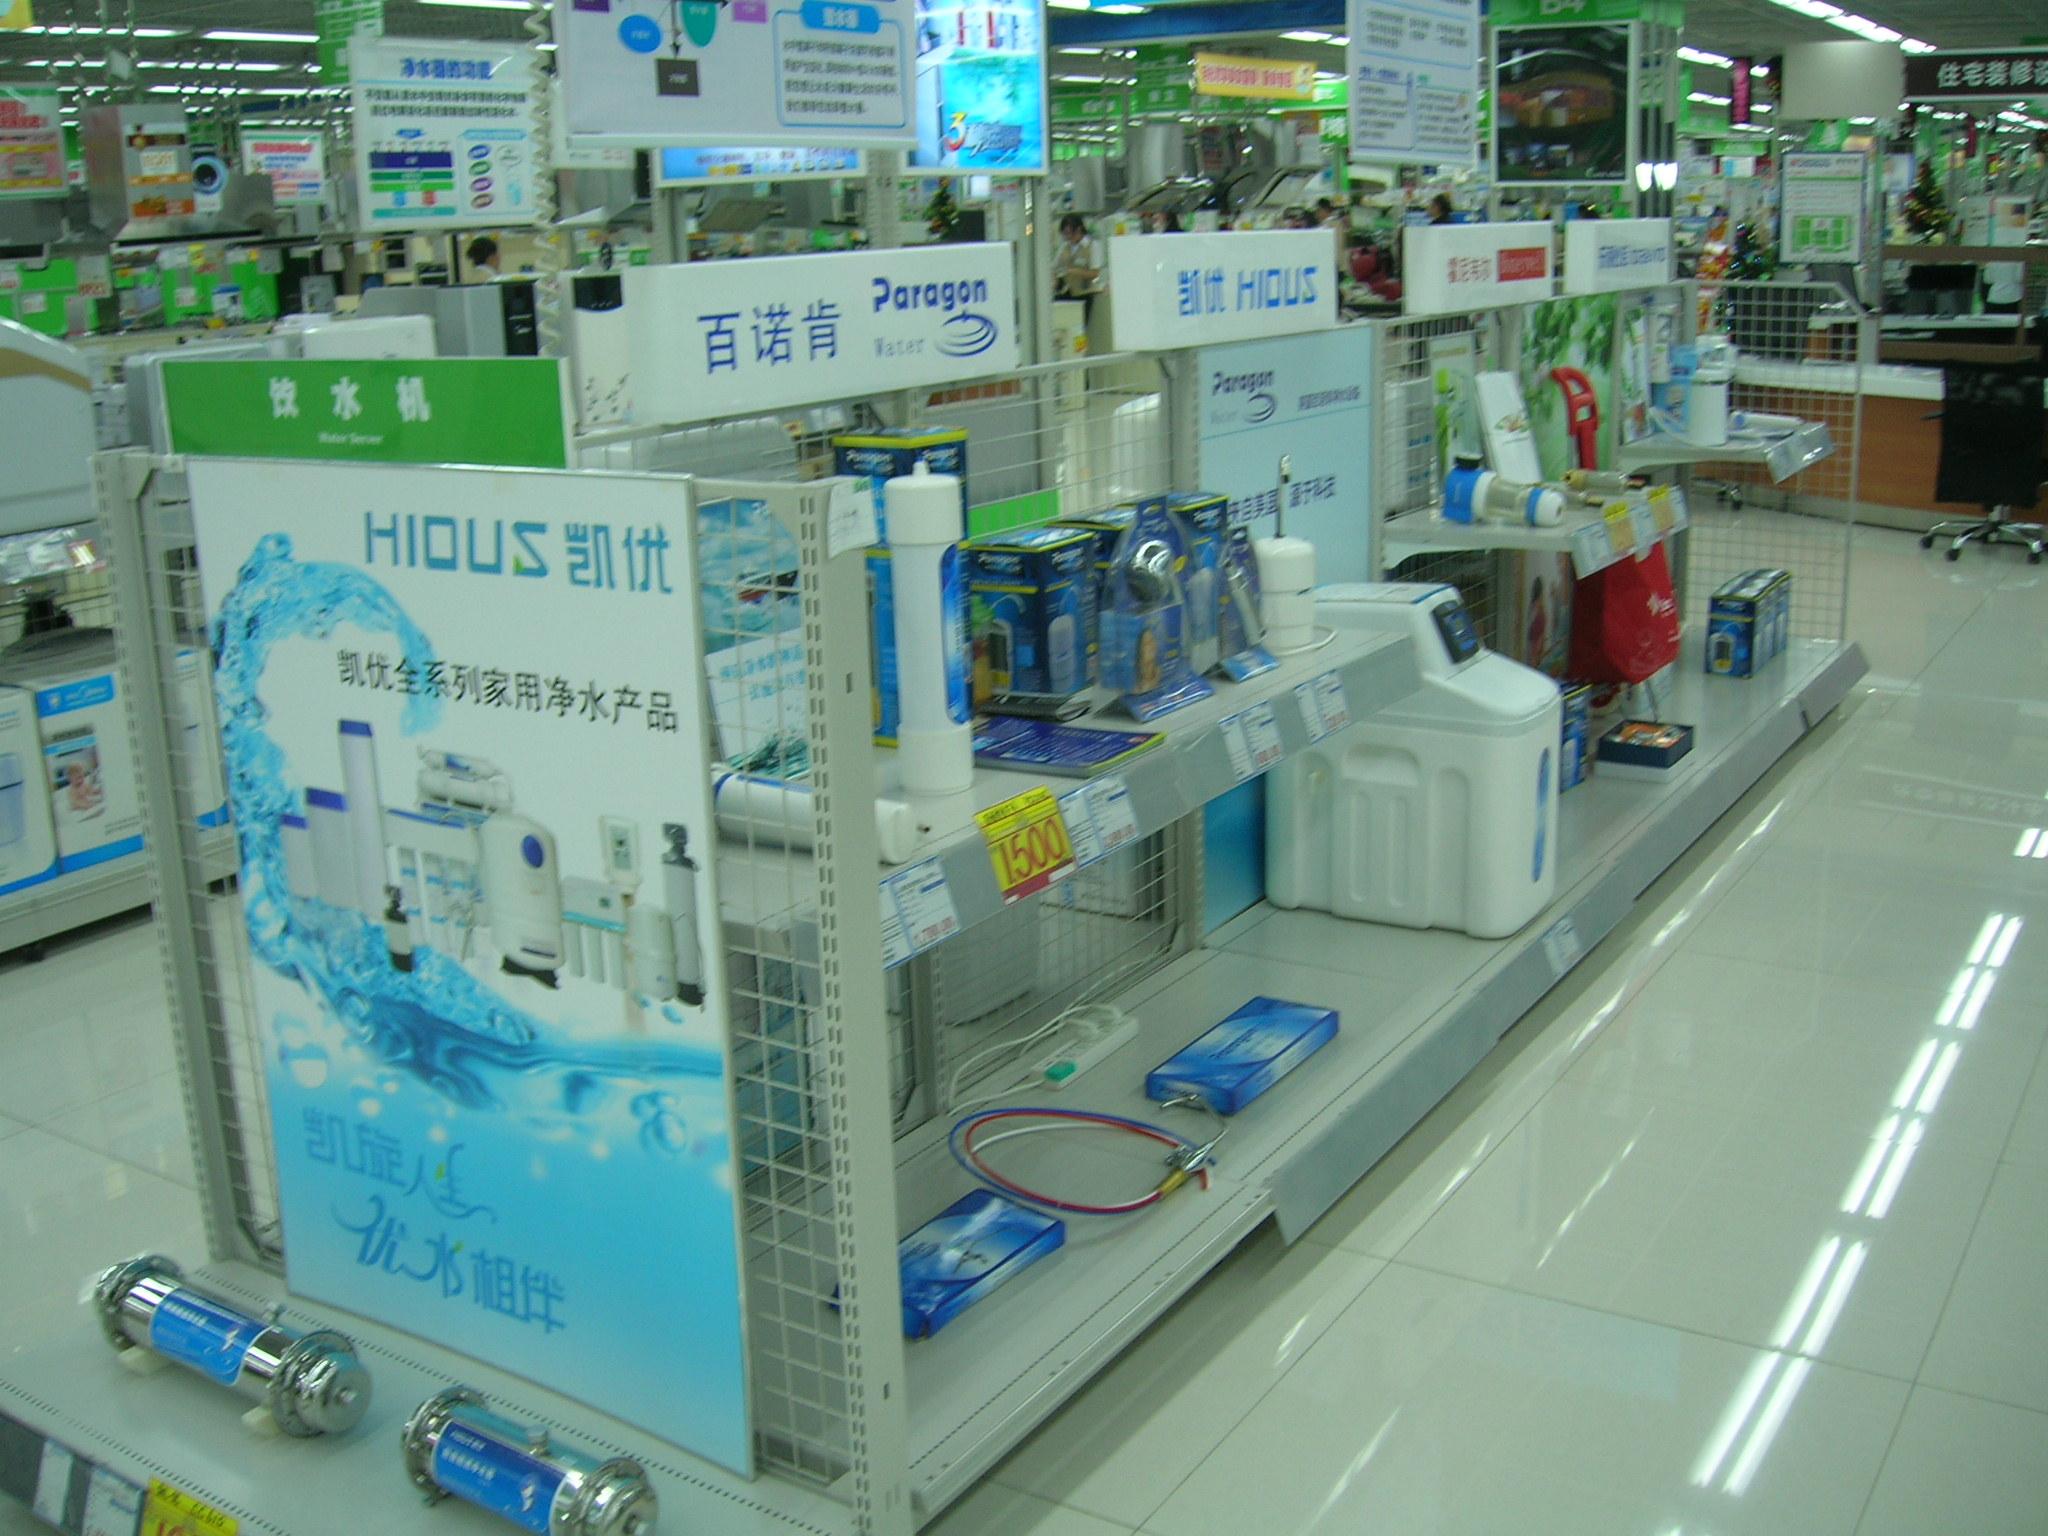 沈阳中街亚马达电器店